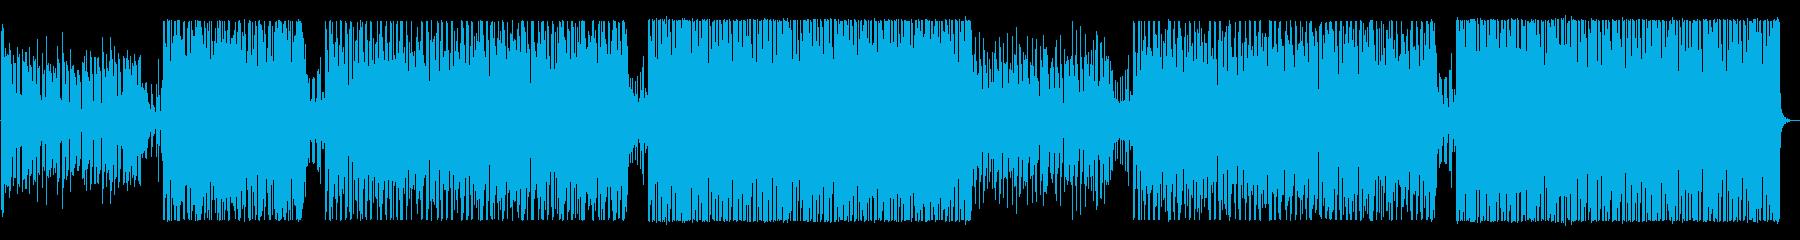 夏の水着の再生済みの波形